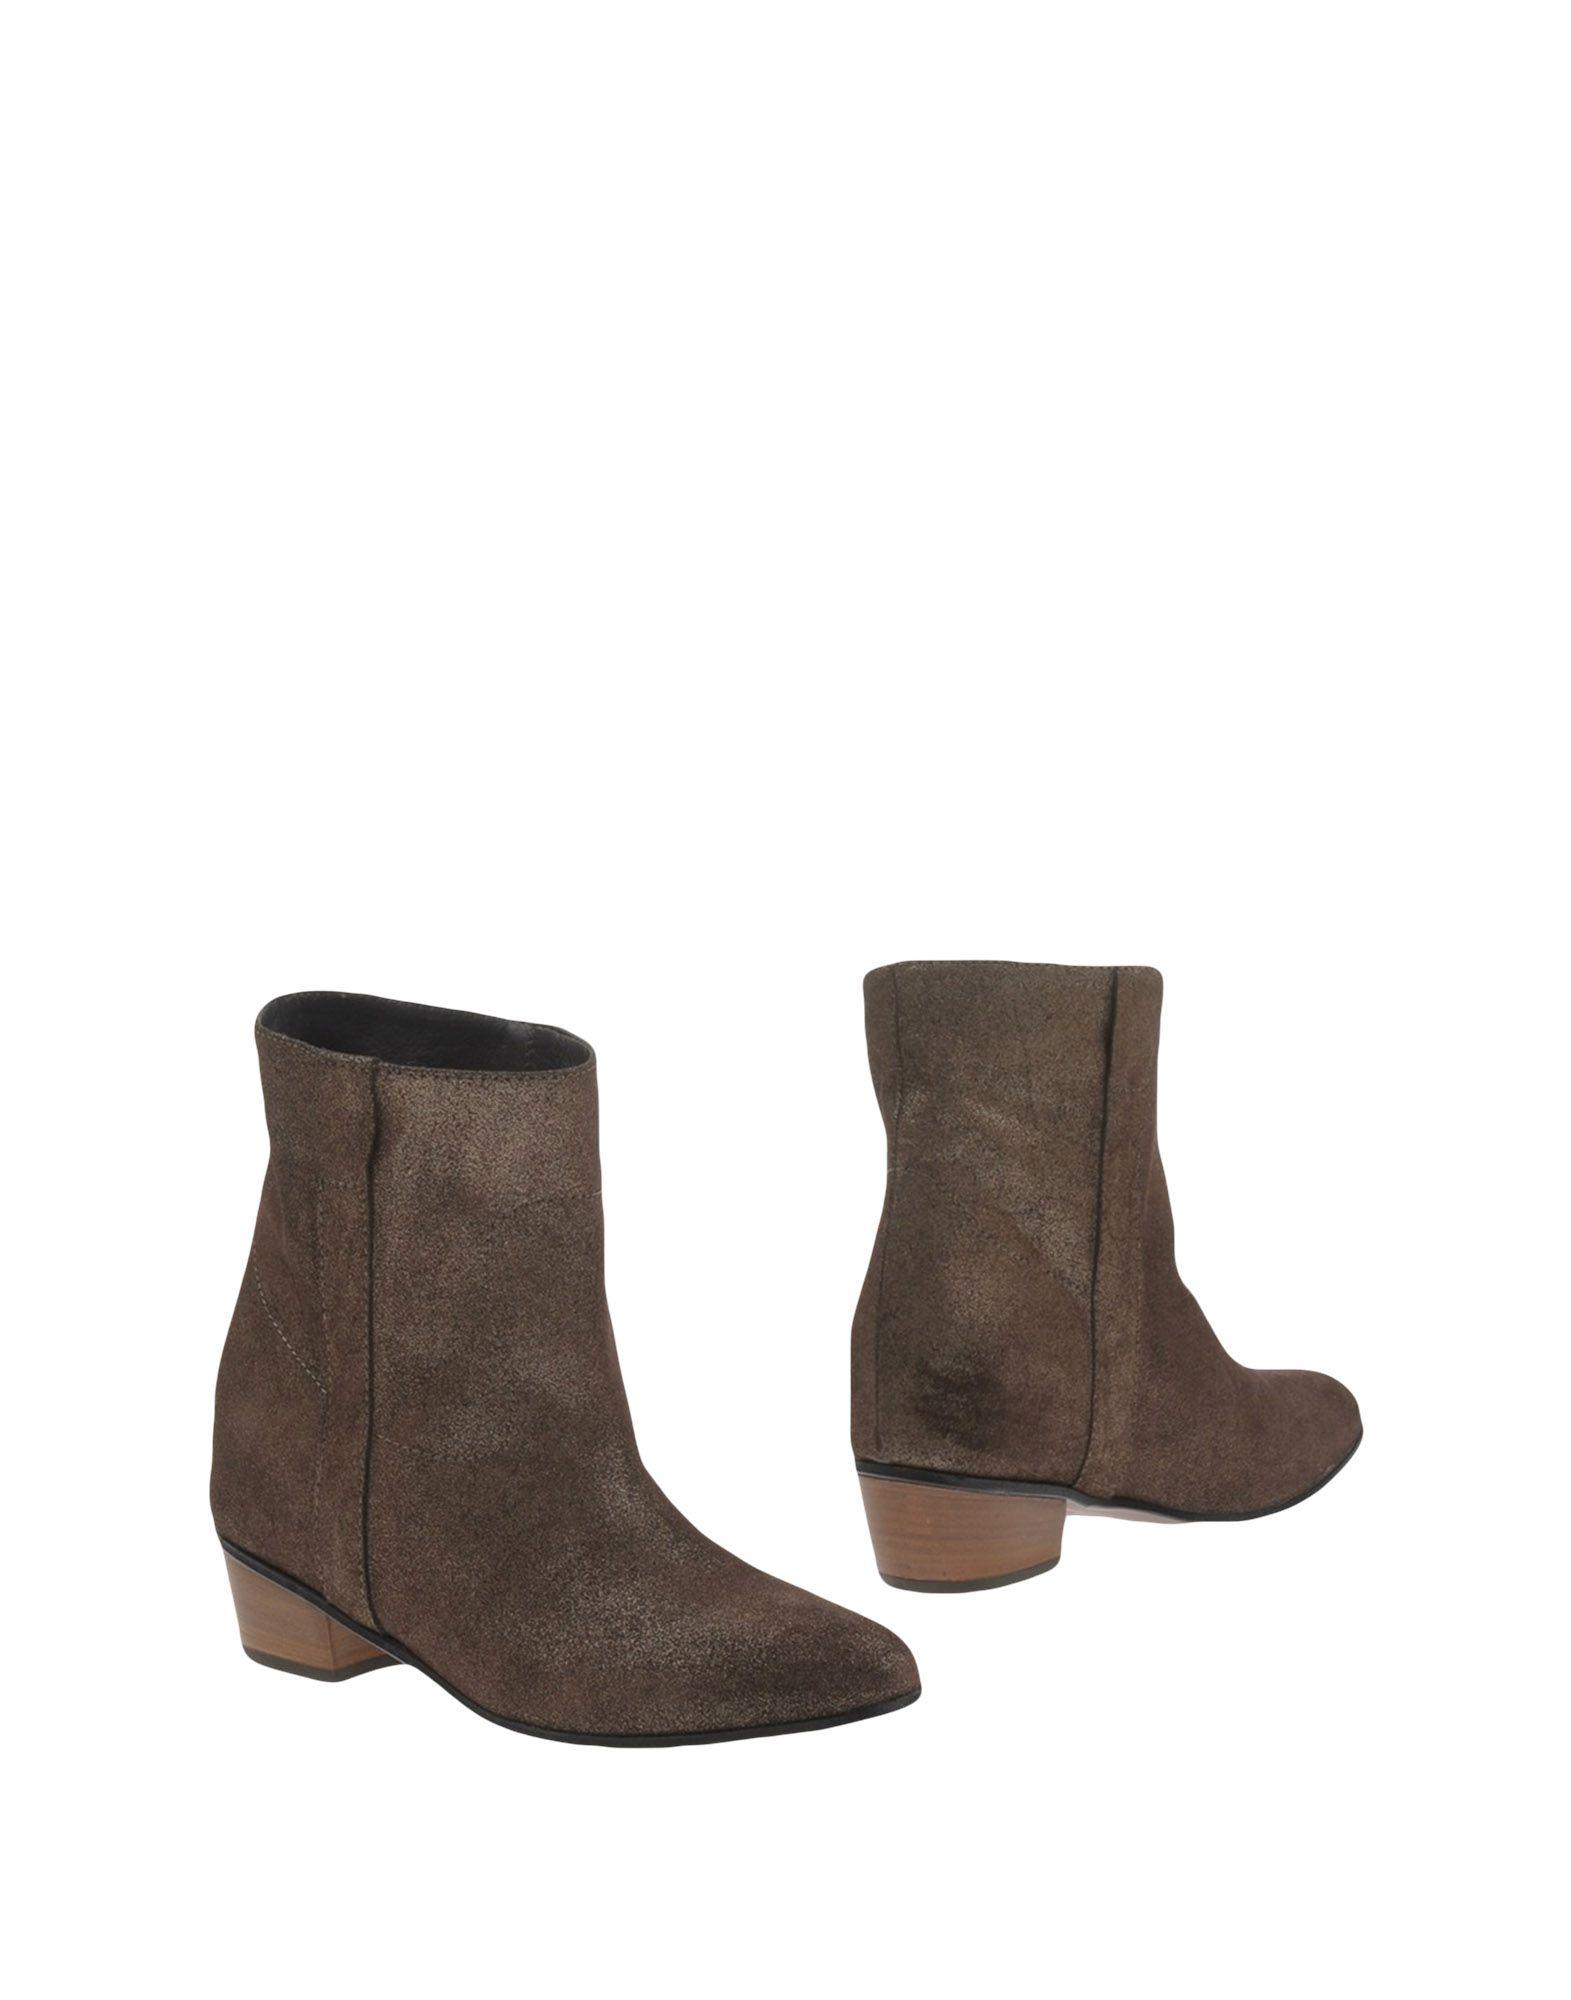 Bottine Sw Shoes Femme - Bottines Sw Shoes sur